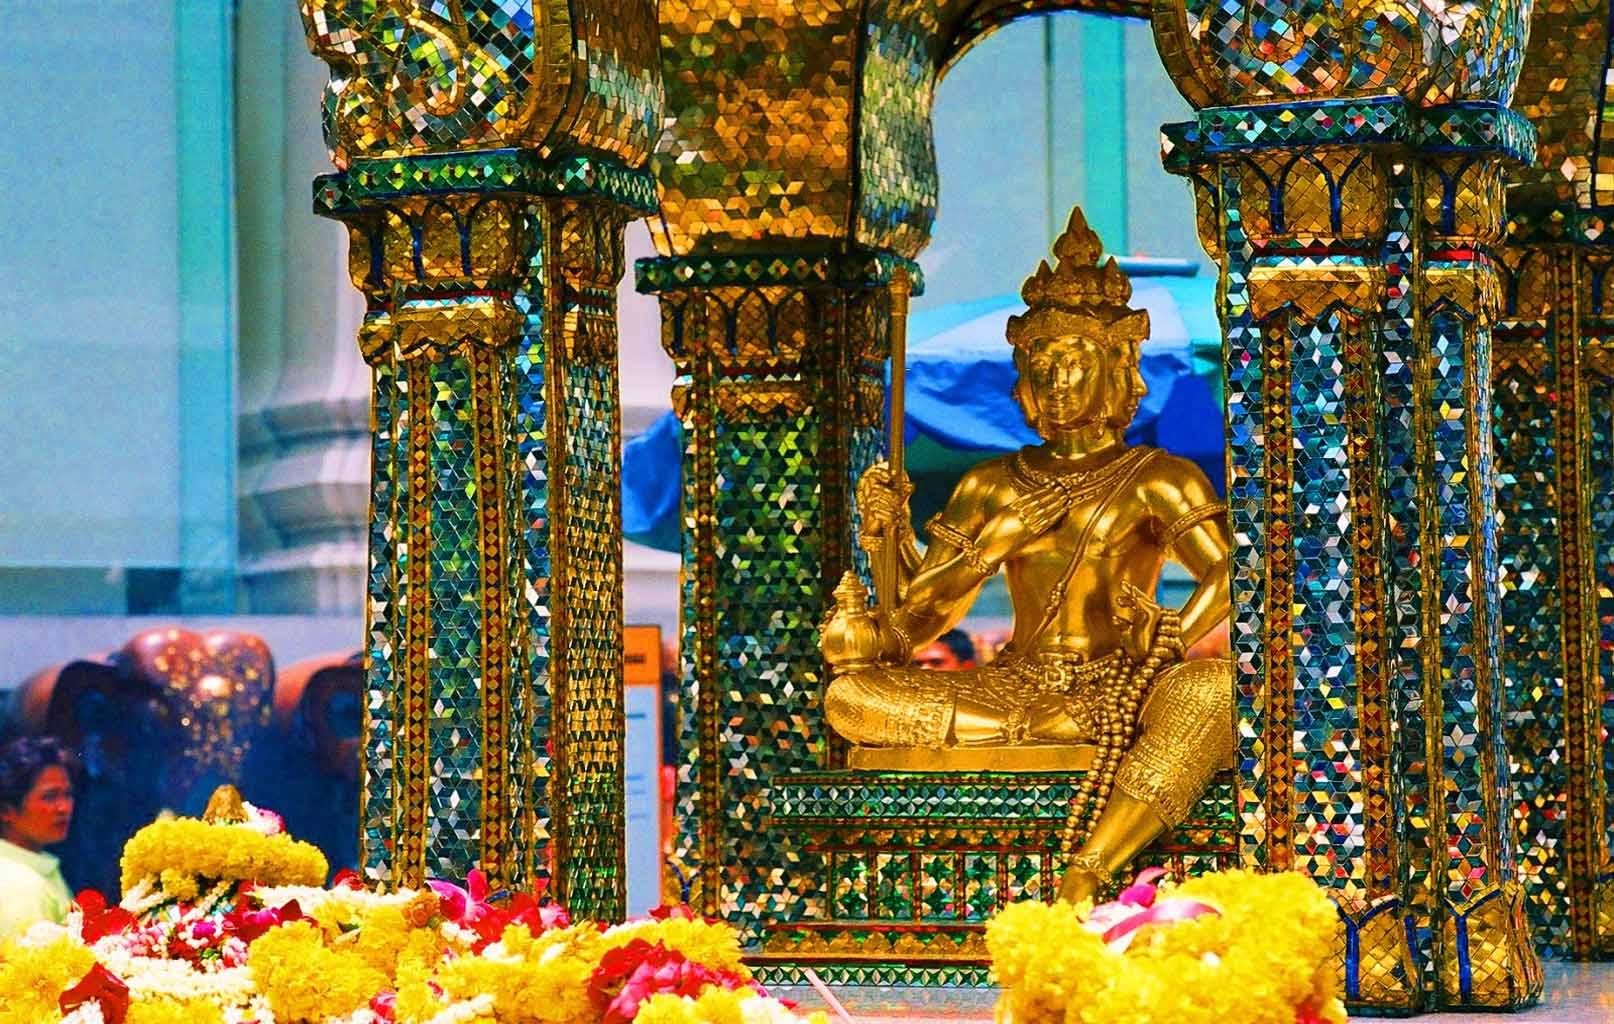 Đền thờ Phật 4 mặt linh thiêng Erawan